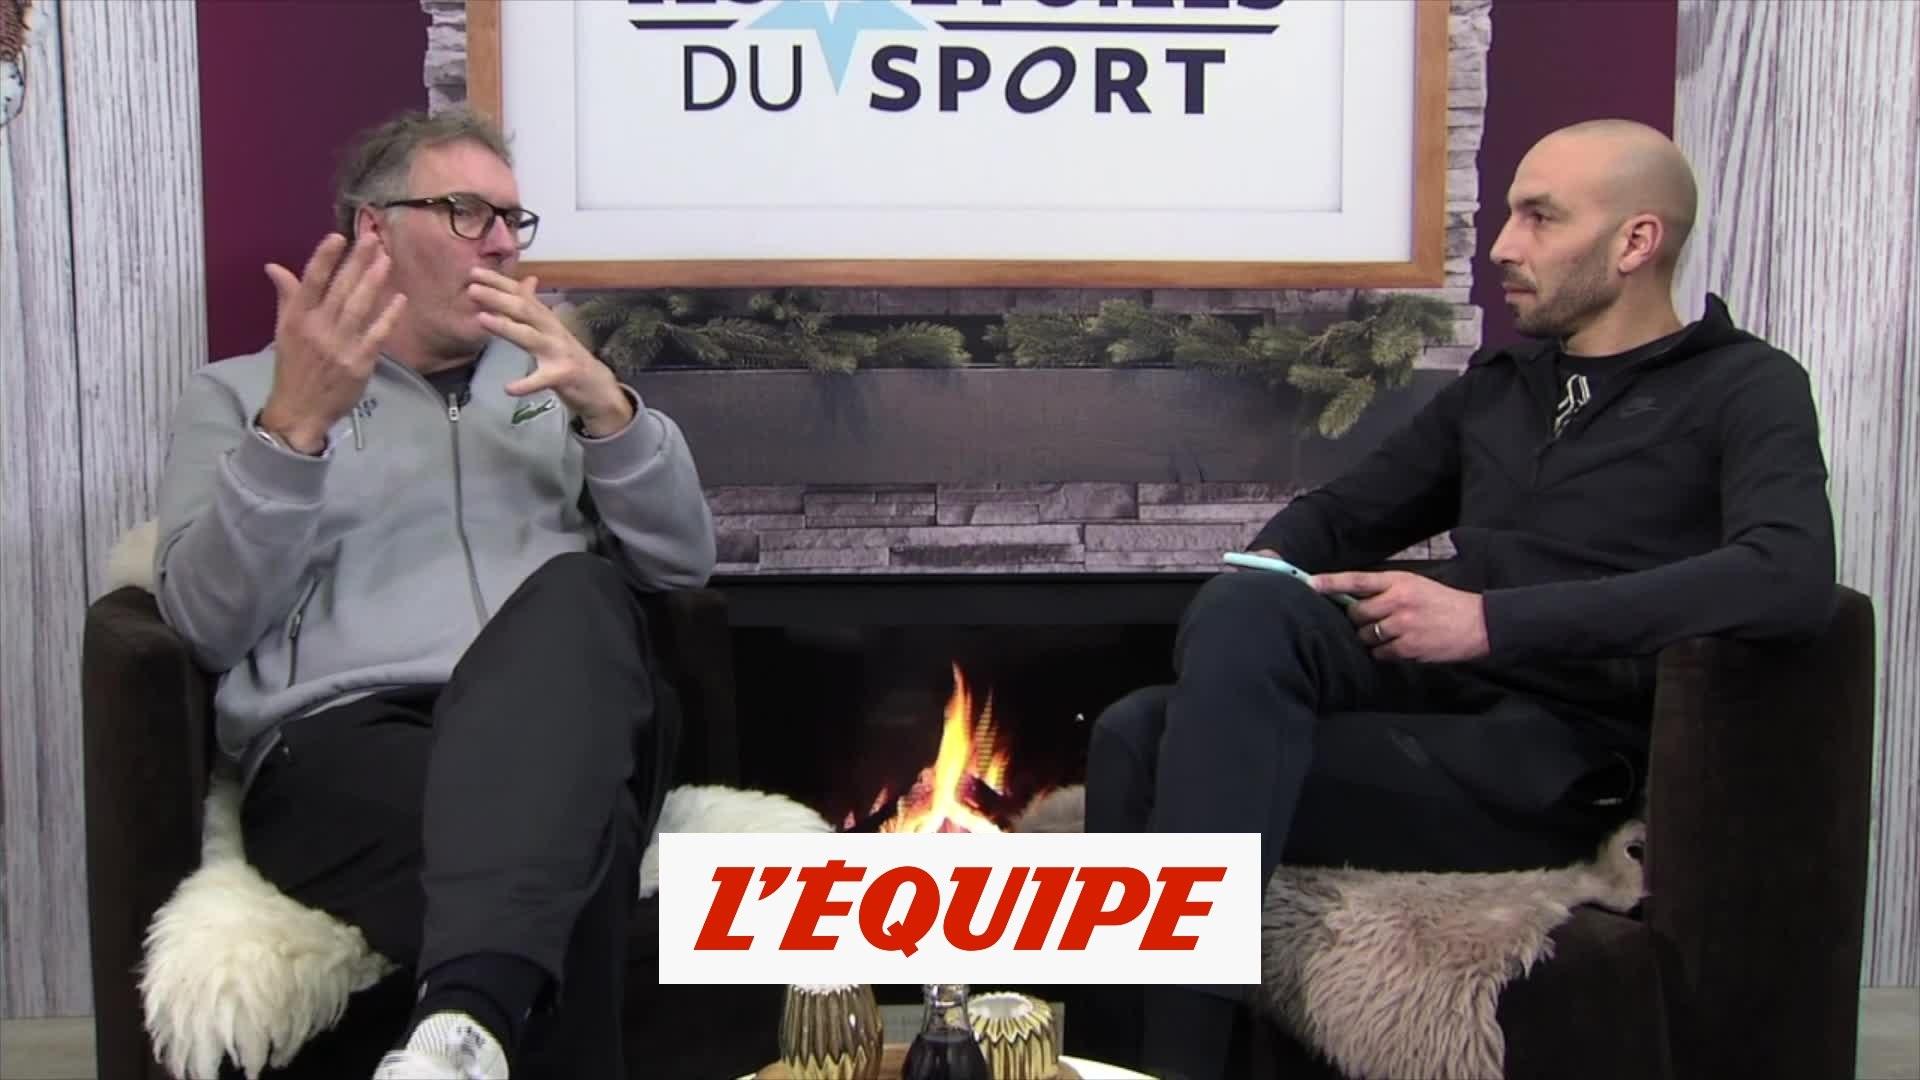 Blanc «La vie d'entraîneur me manque» - Foot - Etoiles du sport